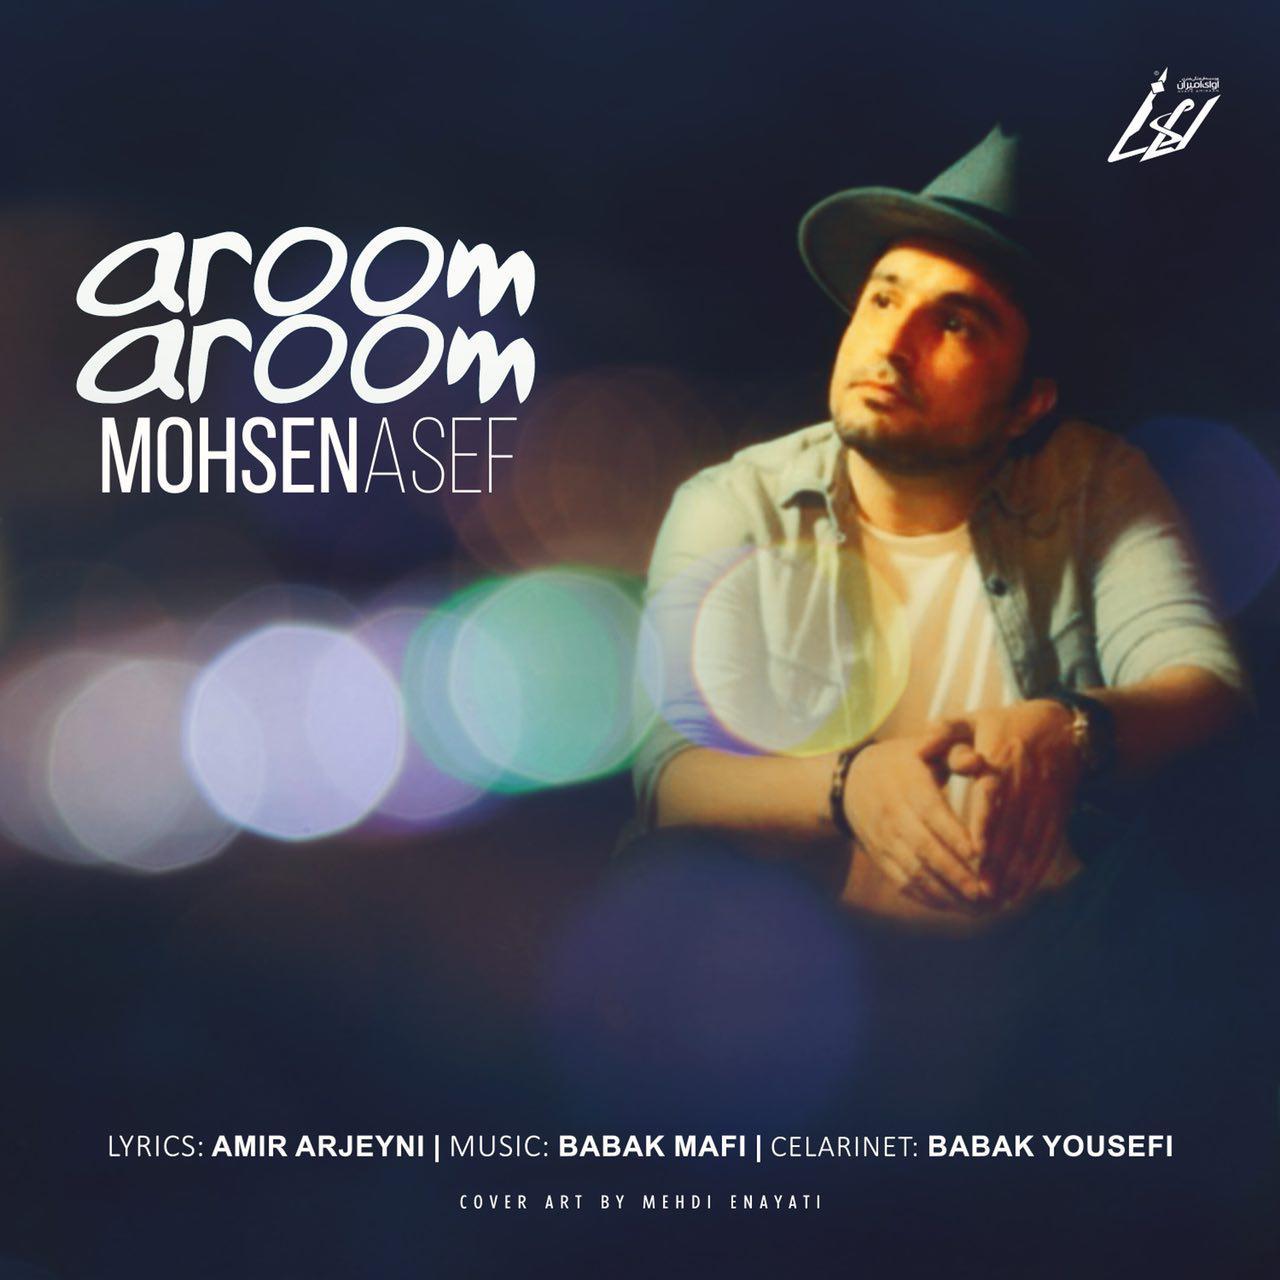 دانلود آهنگ جدید محسن آصف بنام آروم آروم